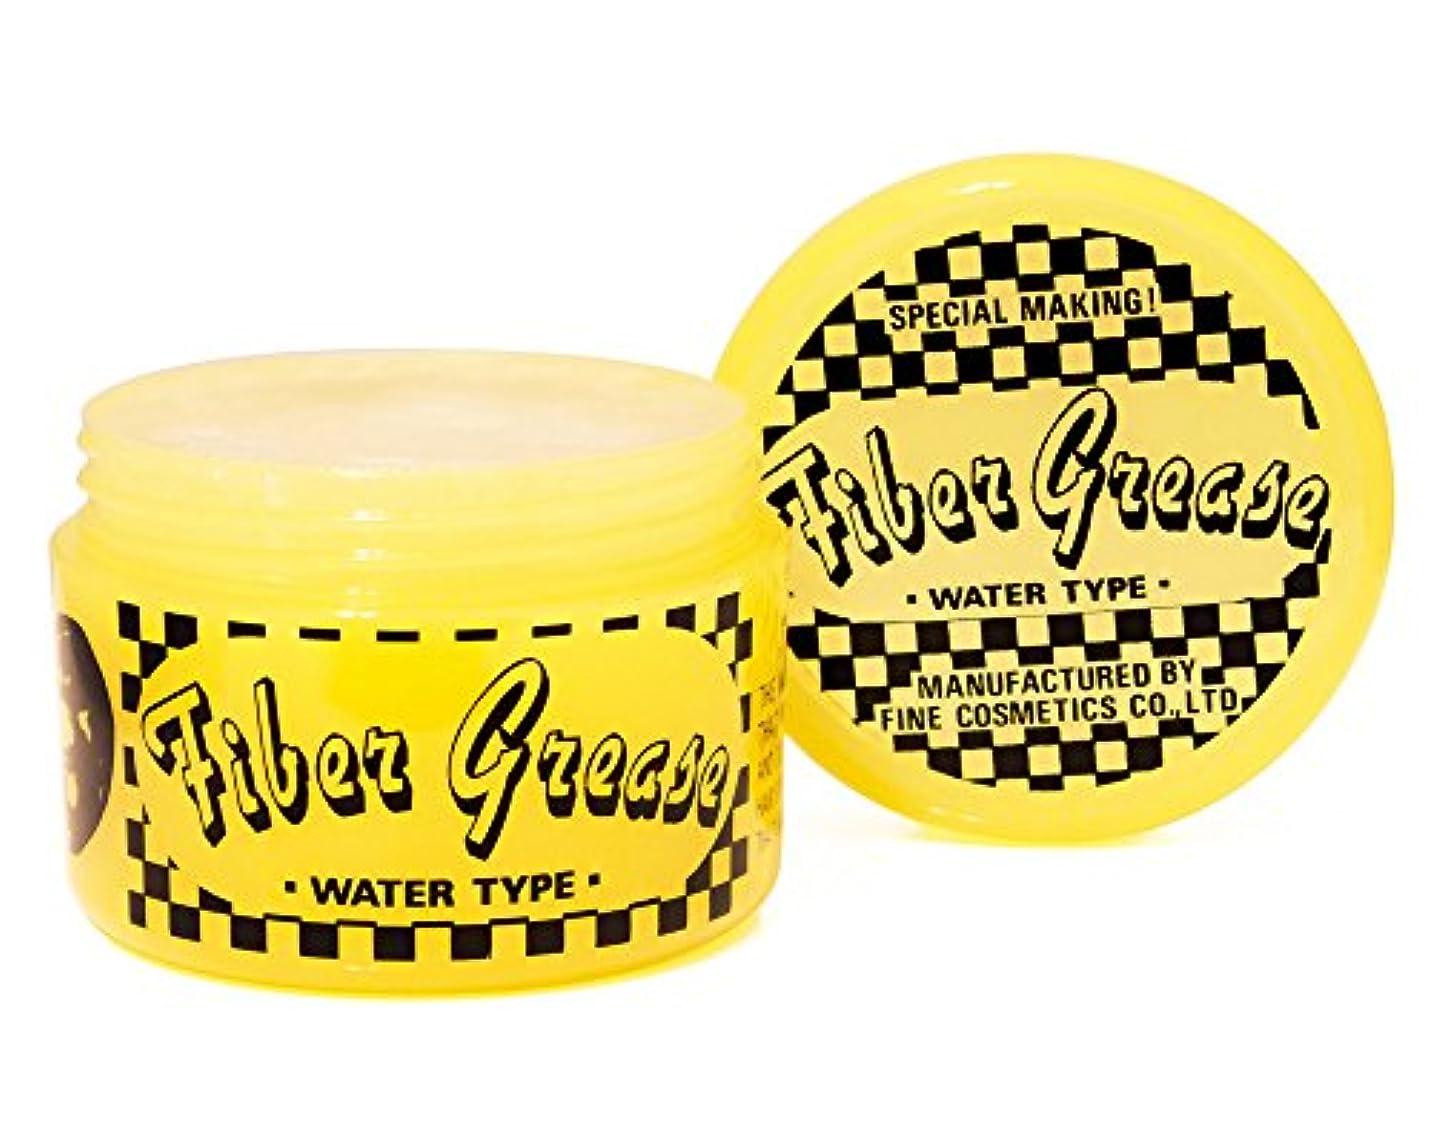 消毒する体系的に要求阪本高生堂 ポケットファイバーグリース 30g トロピカルフルーツの香り